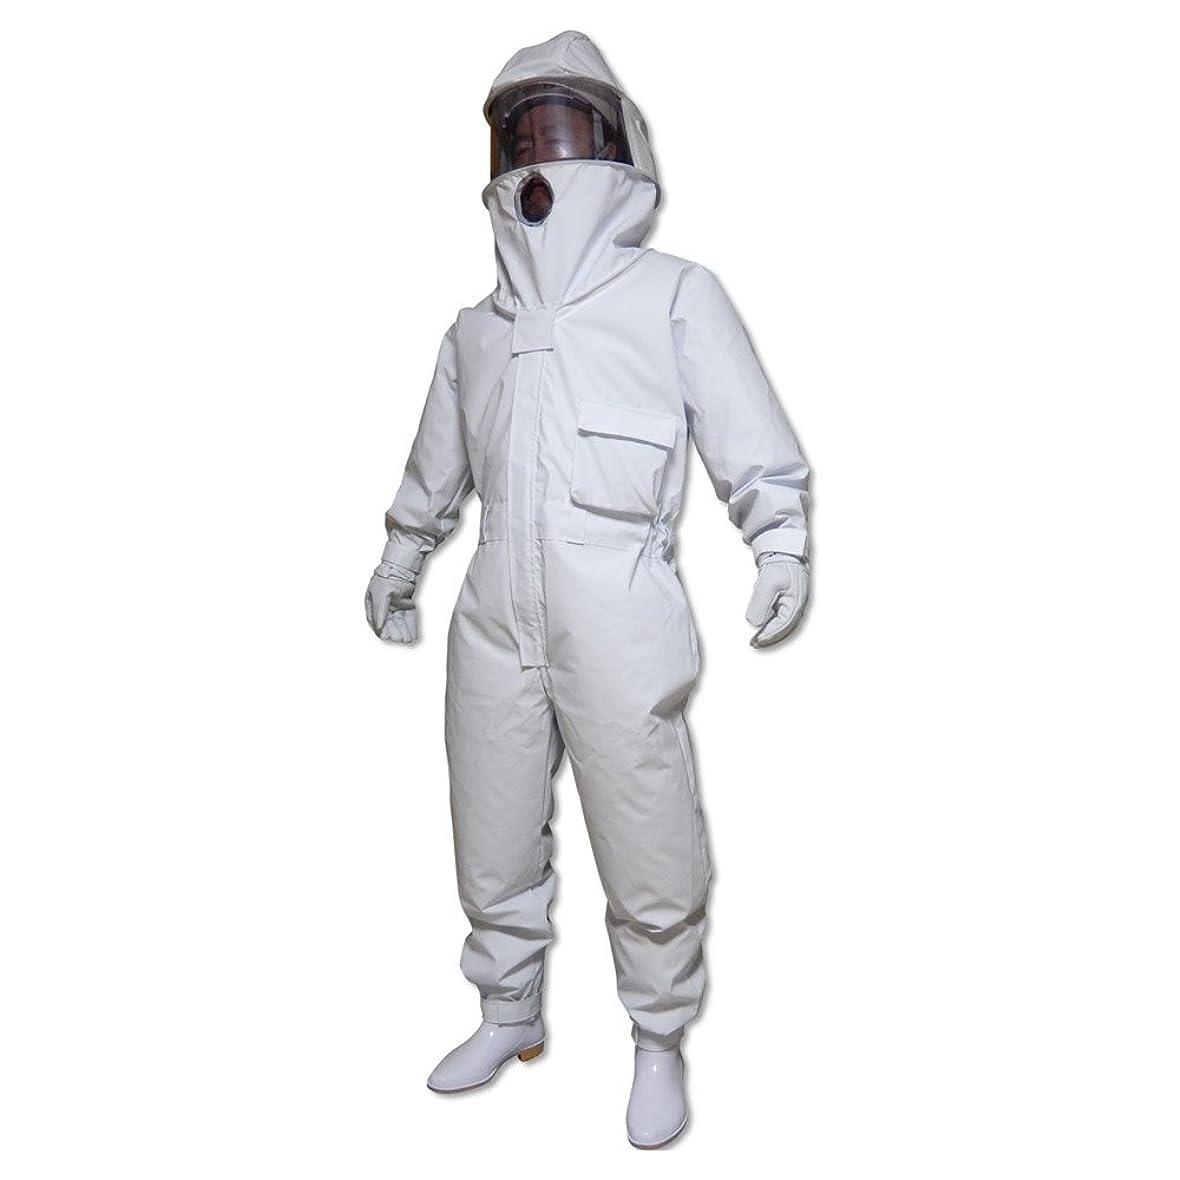 敵意悲観主義者運営蜂防護服 ホーネットⅠ 冷却ファン4個付(スズメバチ対策用)